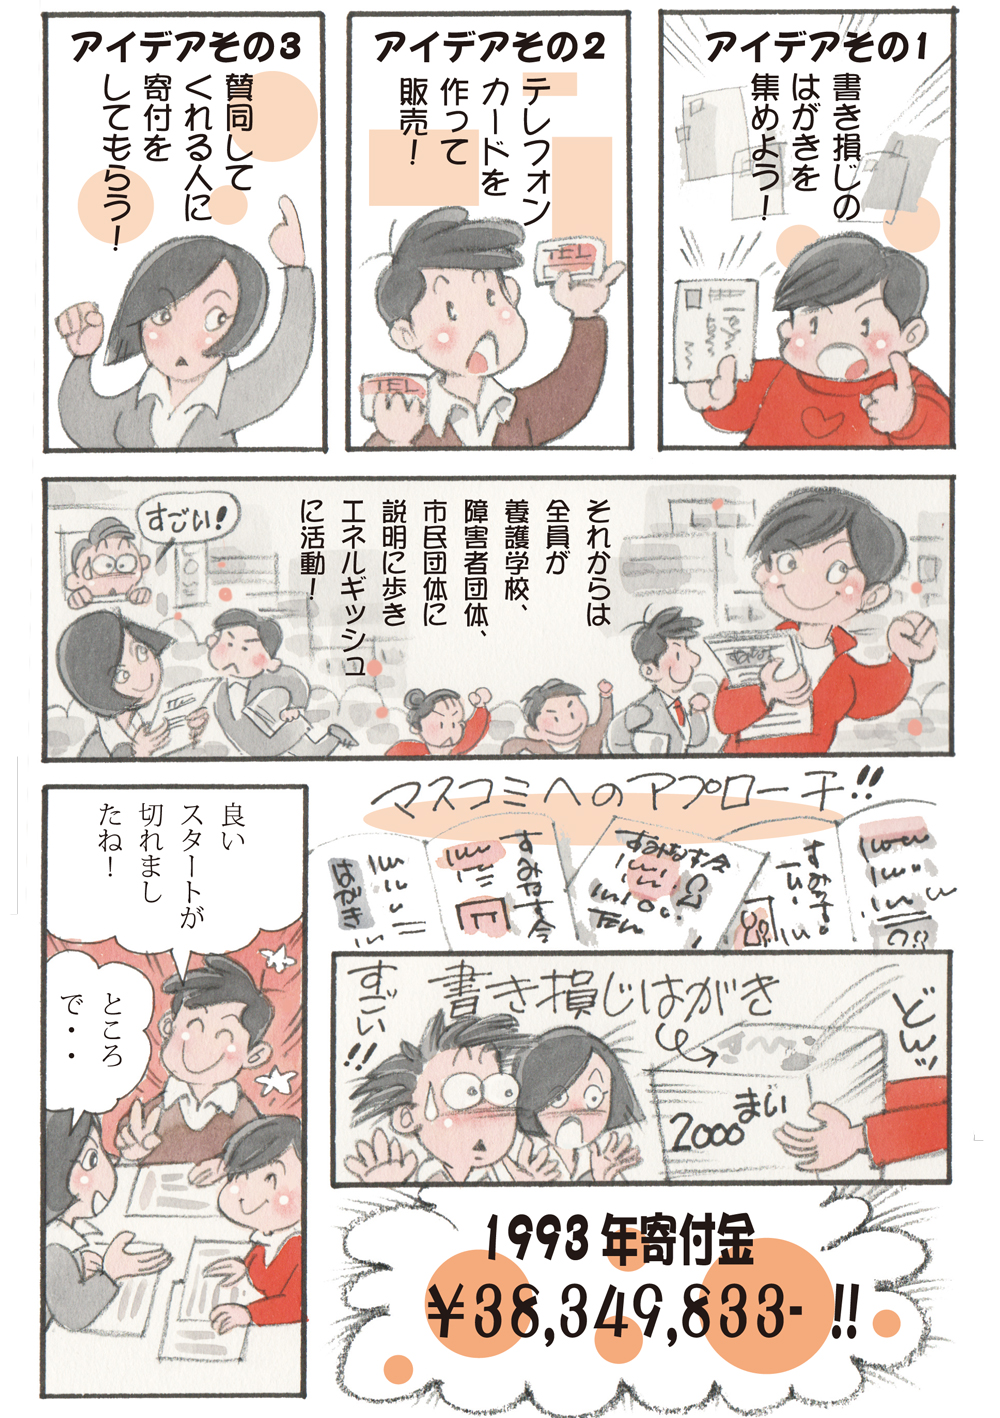 すみなす会誕生物語3p